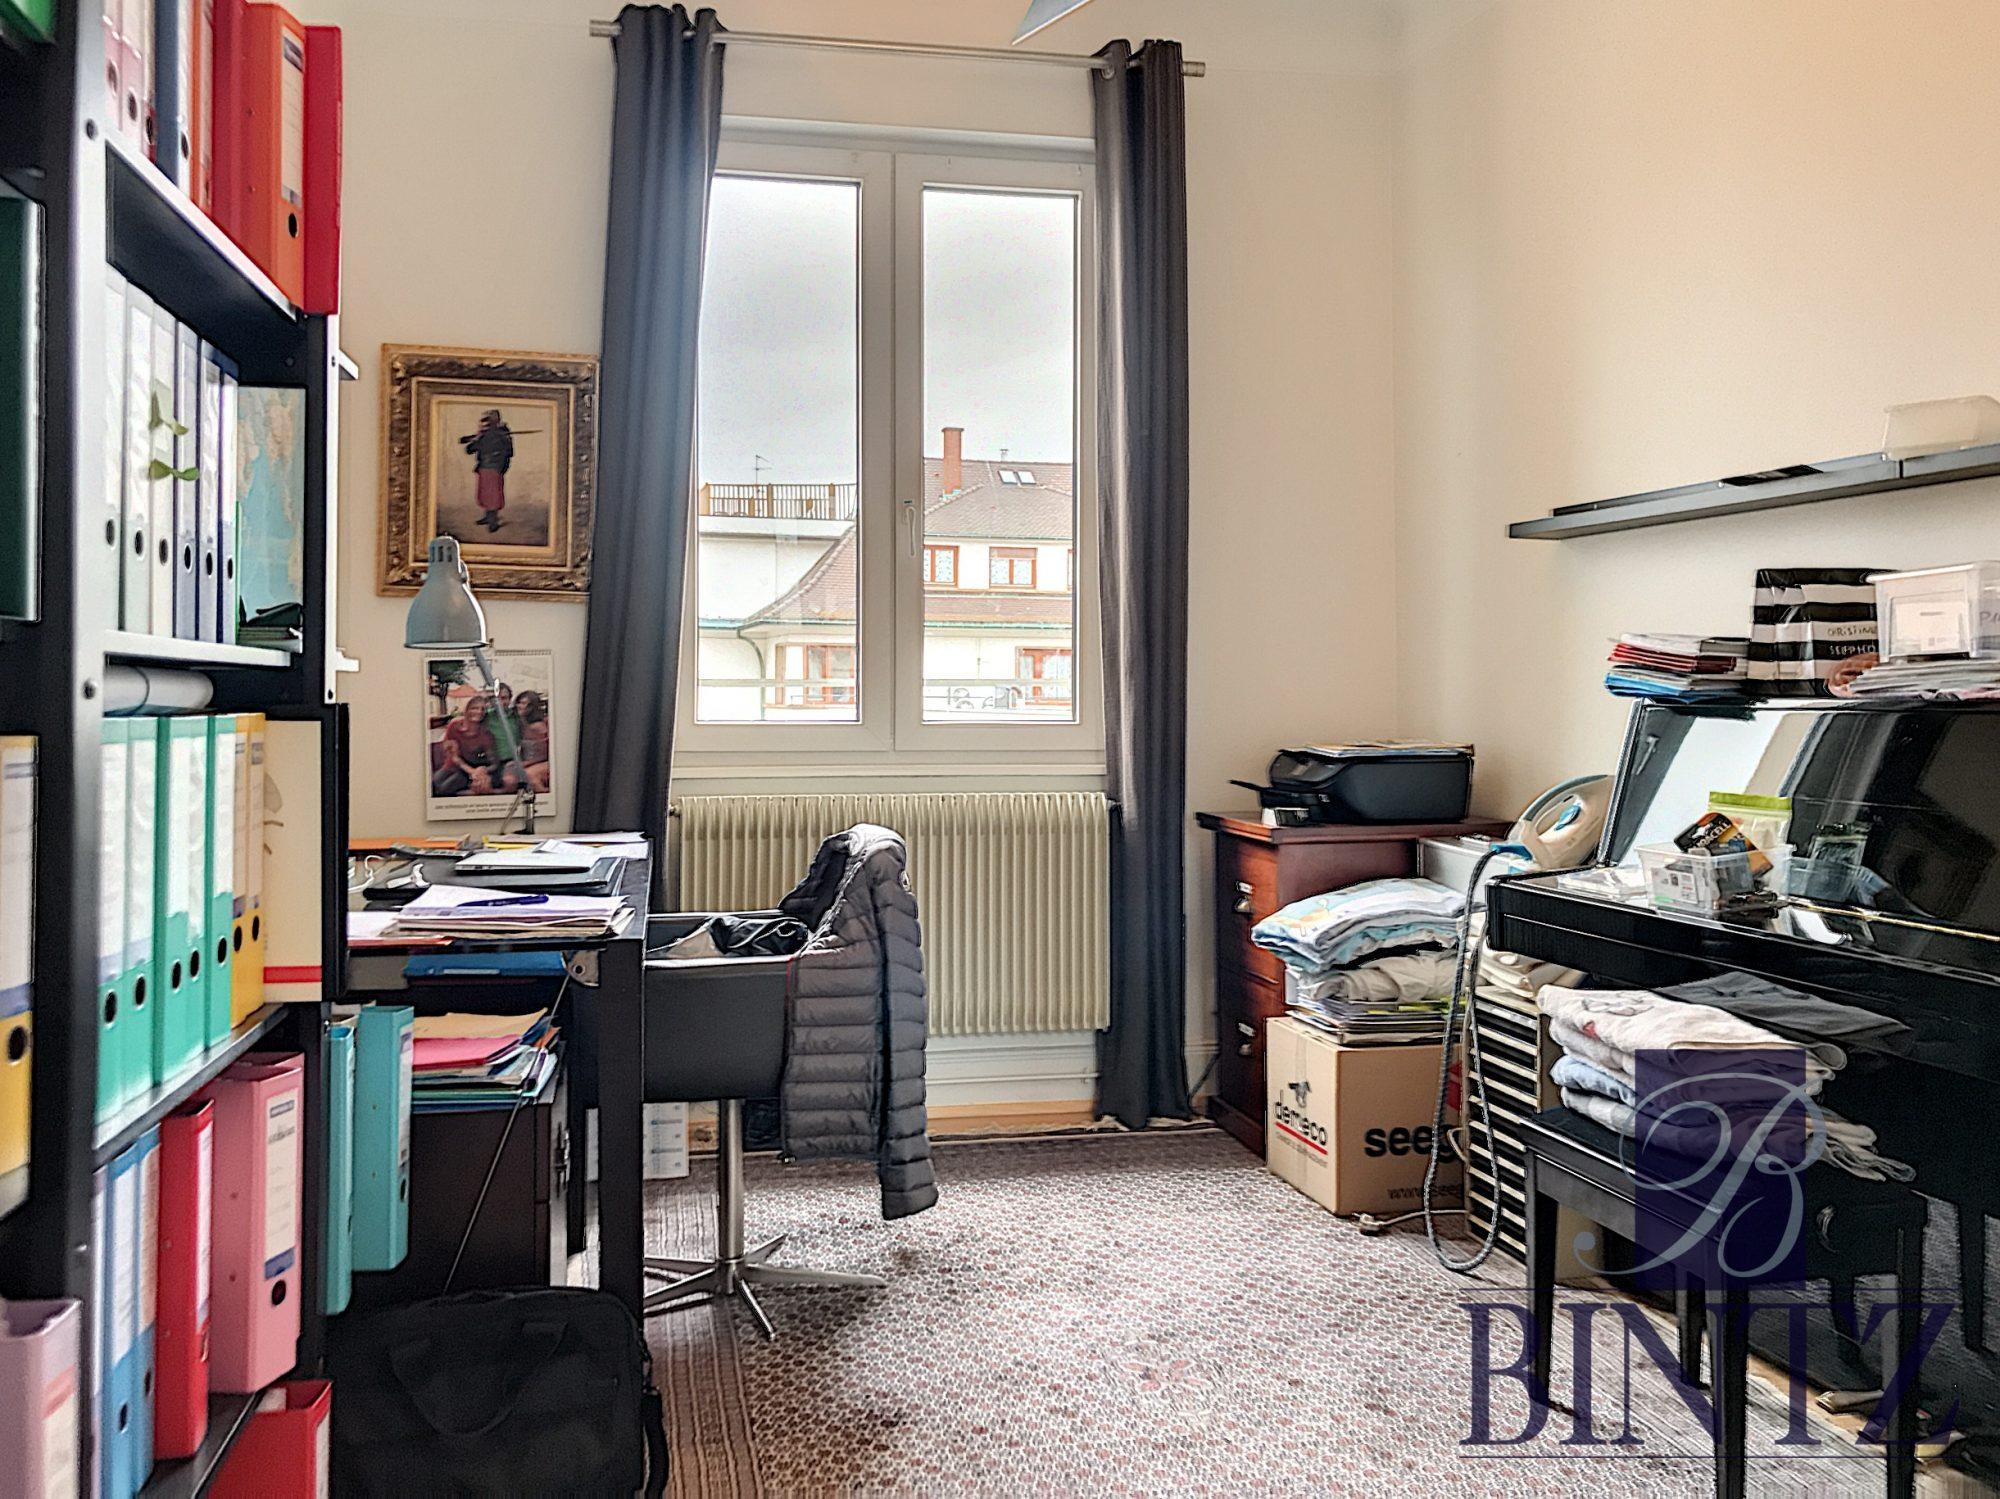 Très beau 8 pièces à l'Orangerie - Devenez locataire en toute sérénité - Bintz Immobilier - 5